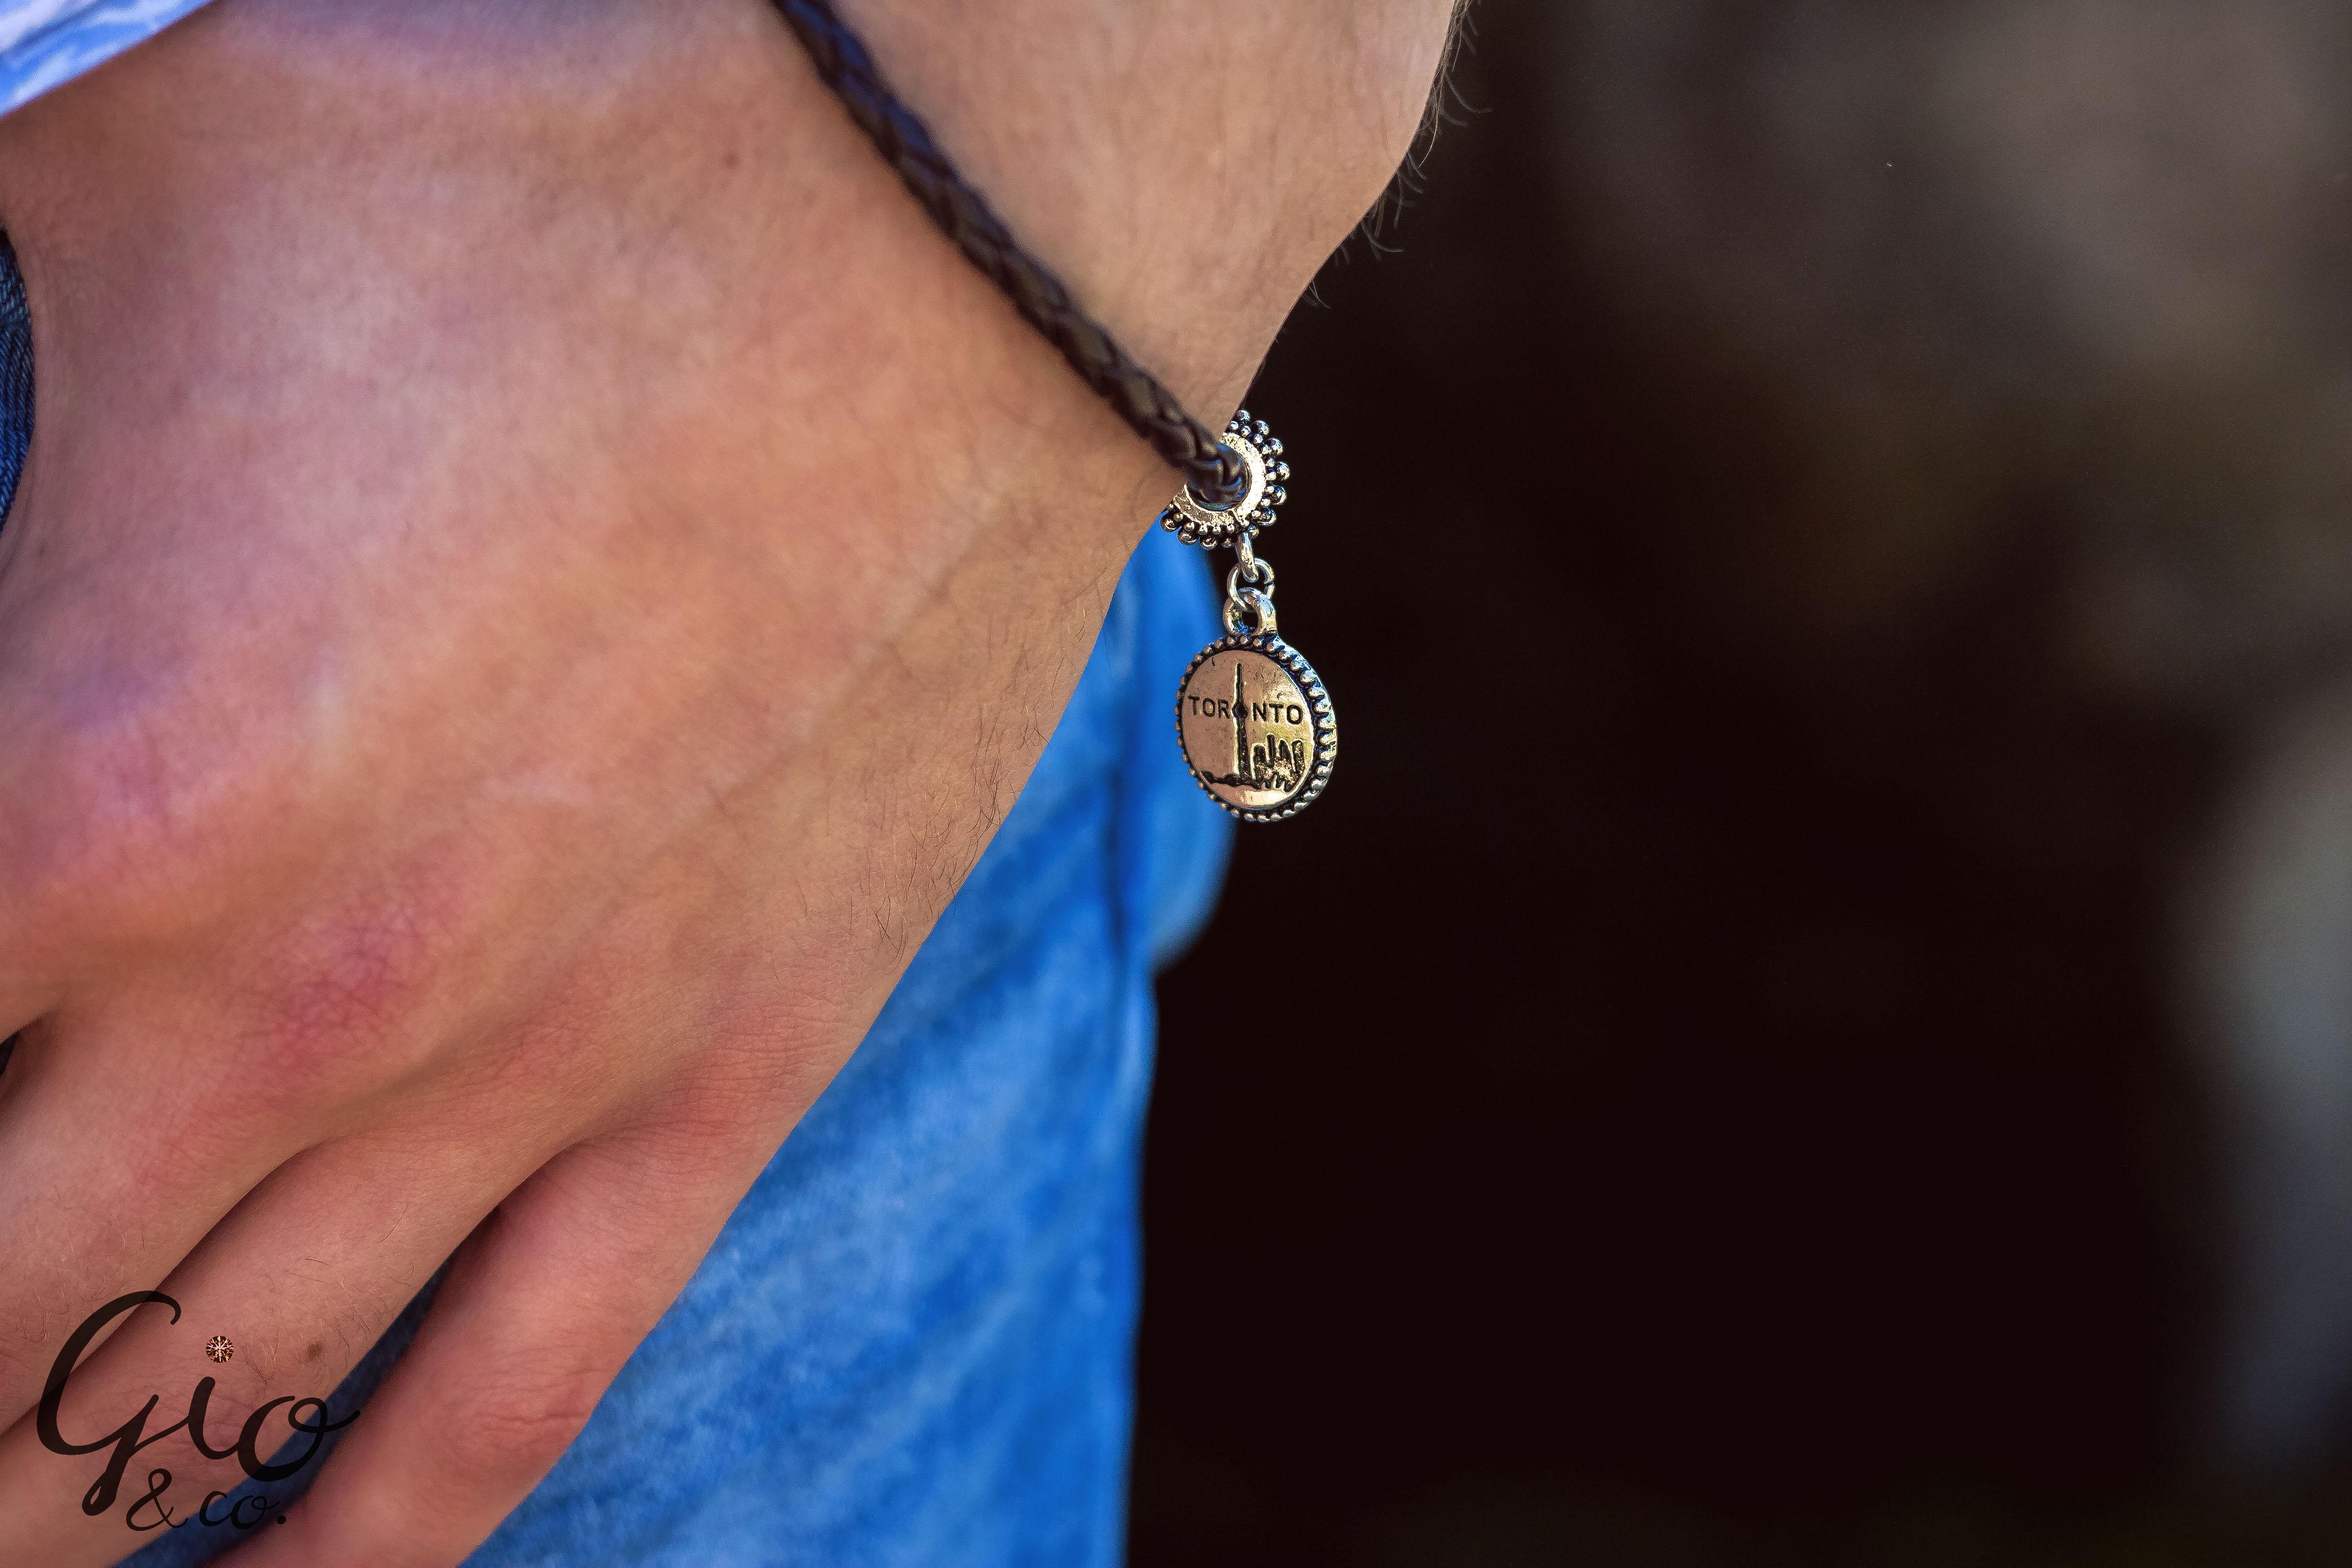 Male & Female Staple Accessories